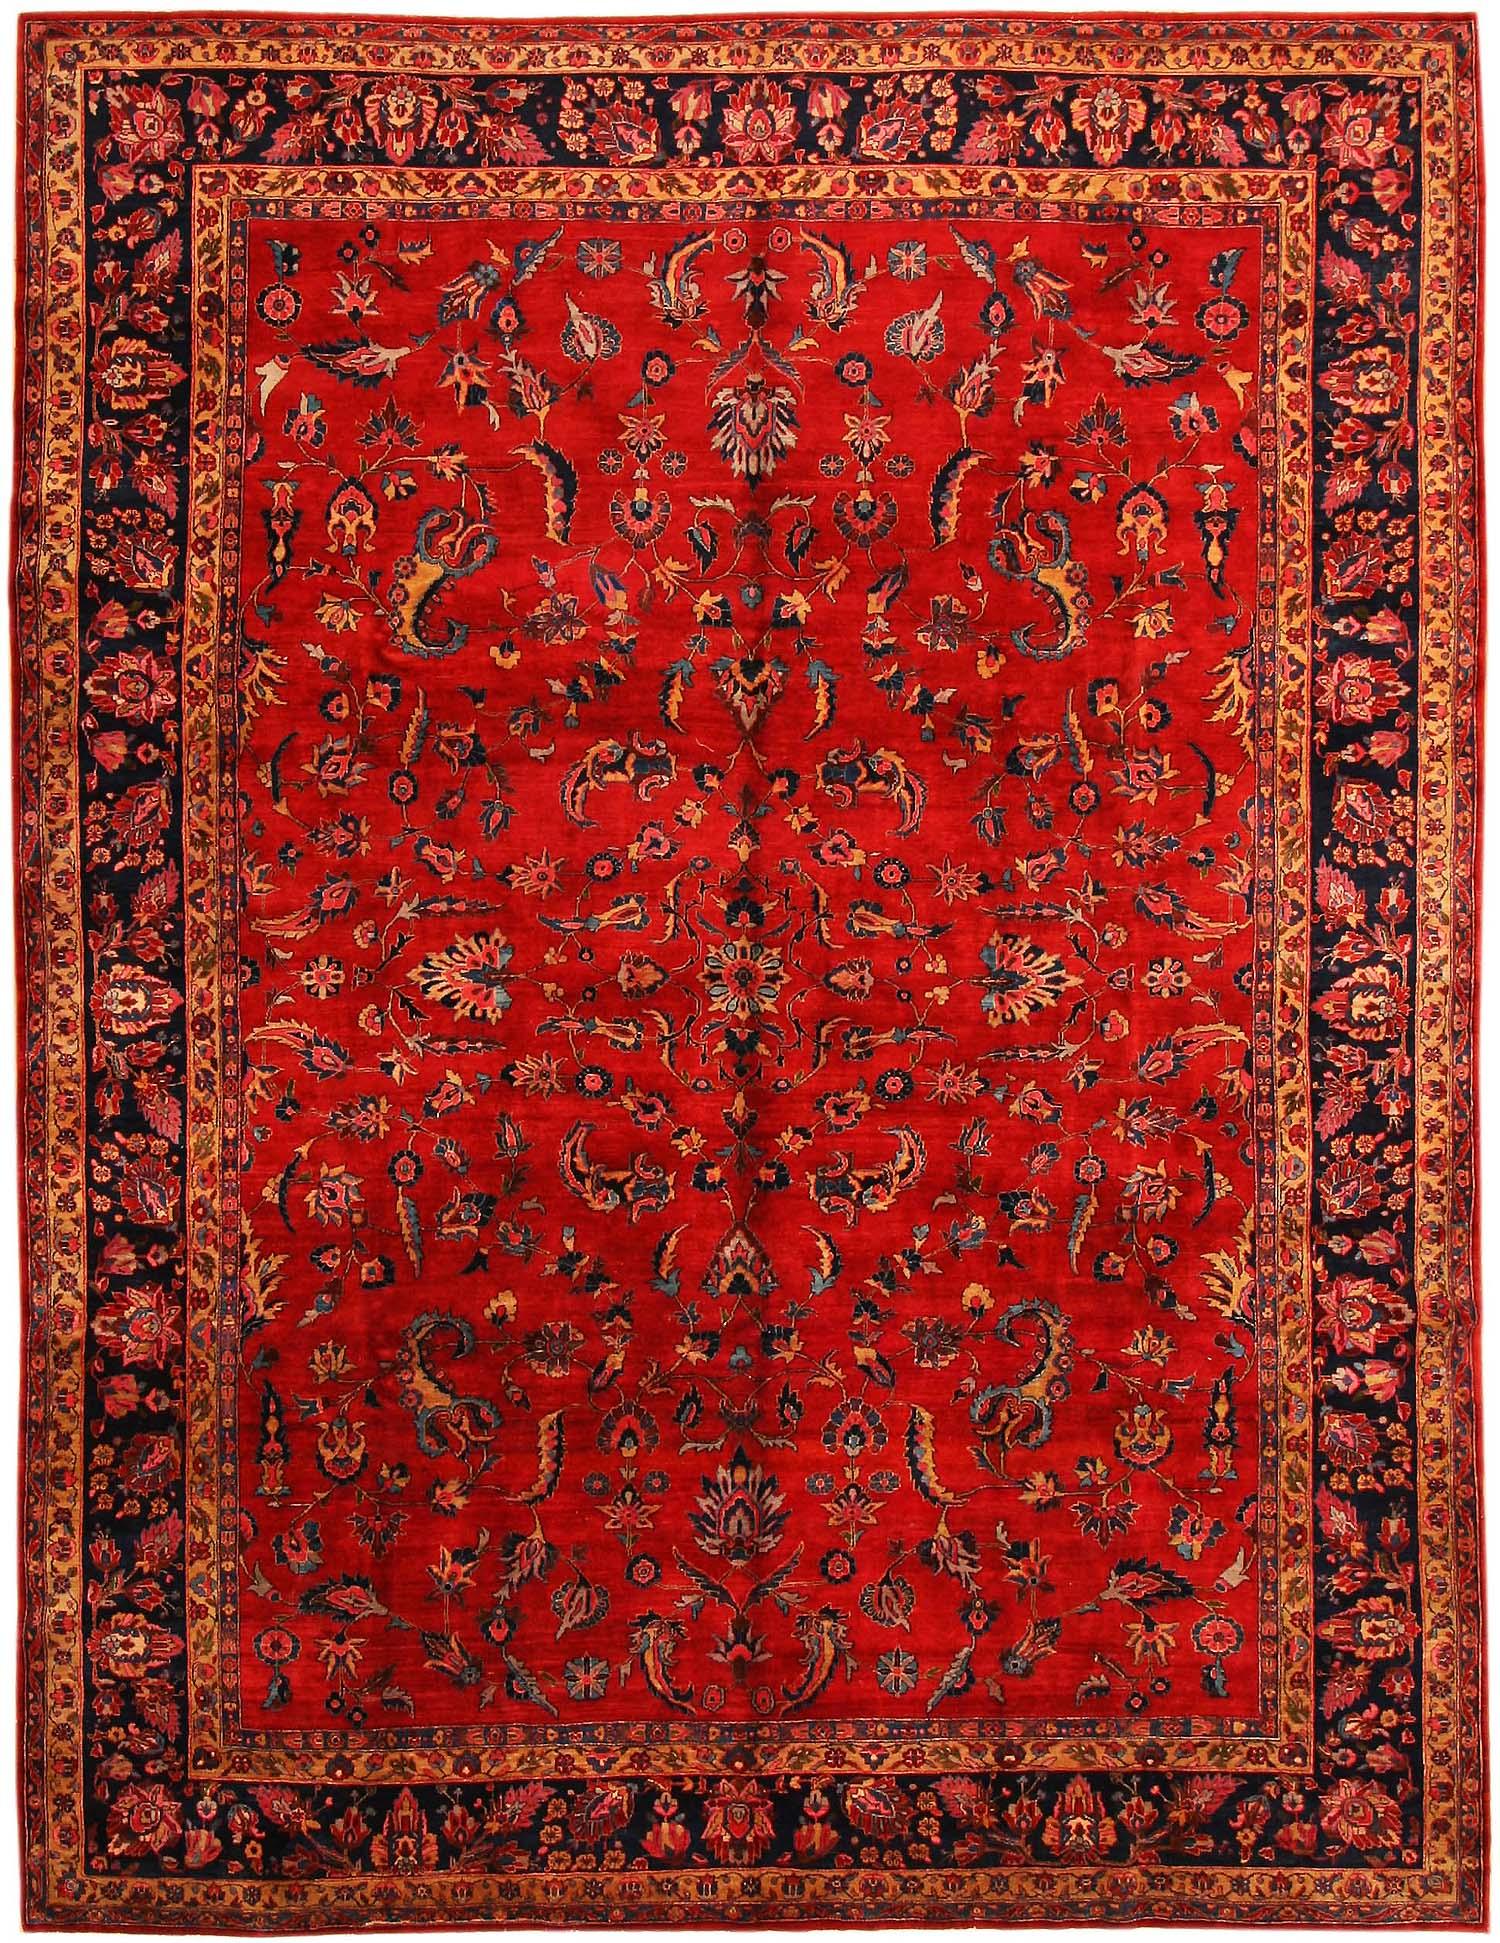 persian carpet antique sarouk persian rug 43524 by nazmiyal RTWBPYW